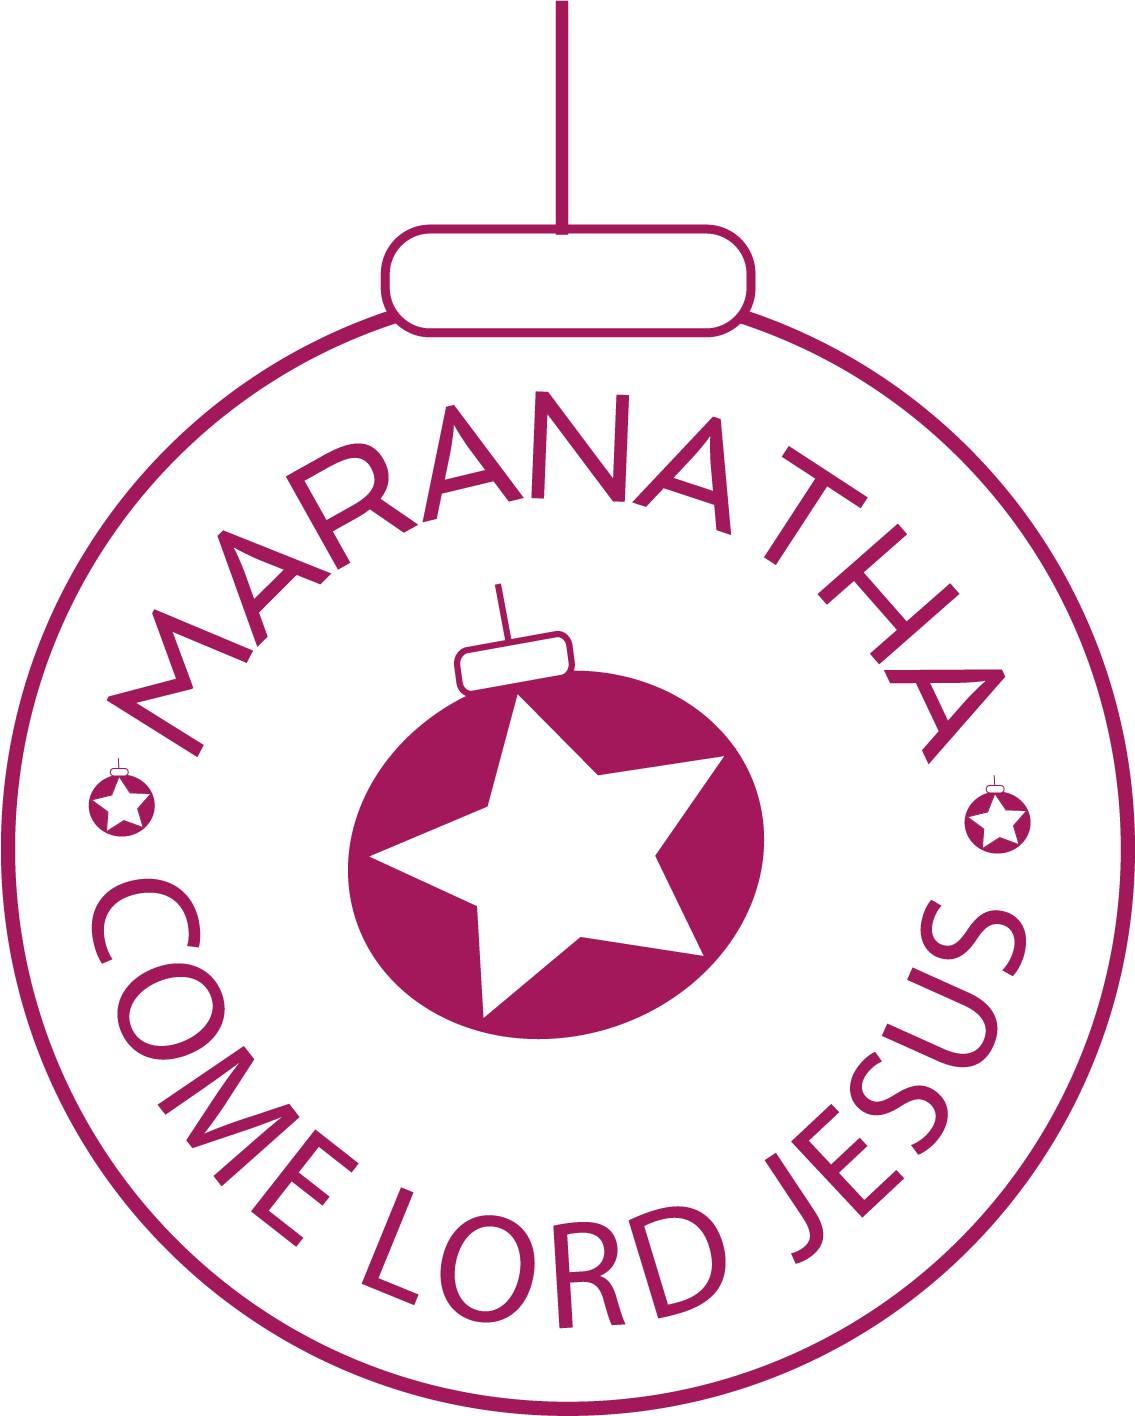 Marantha 2020 logo